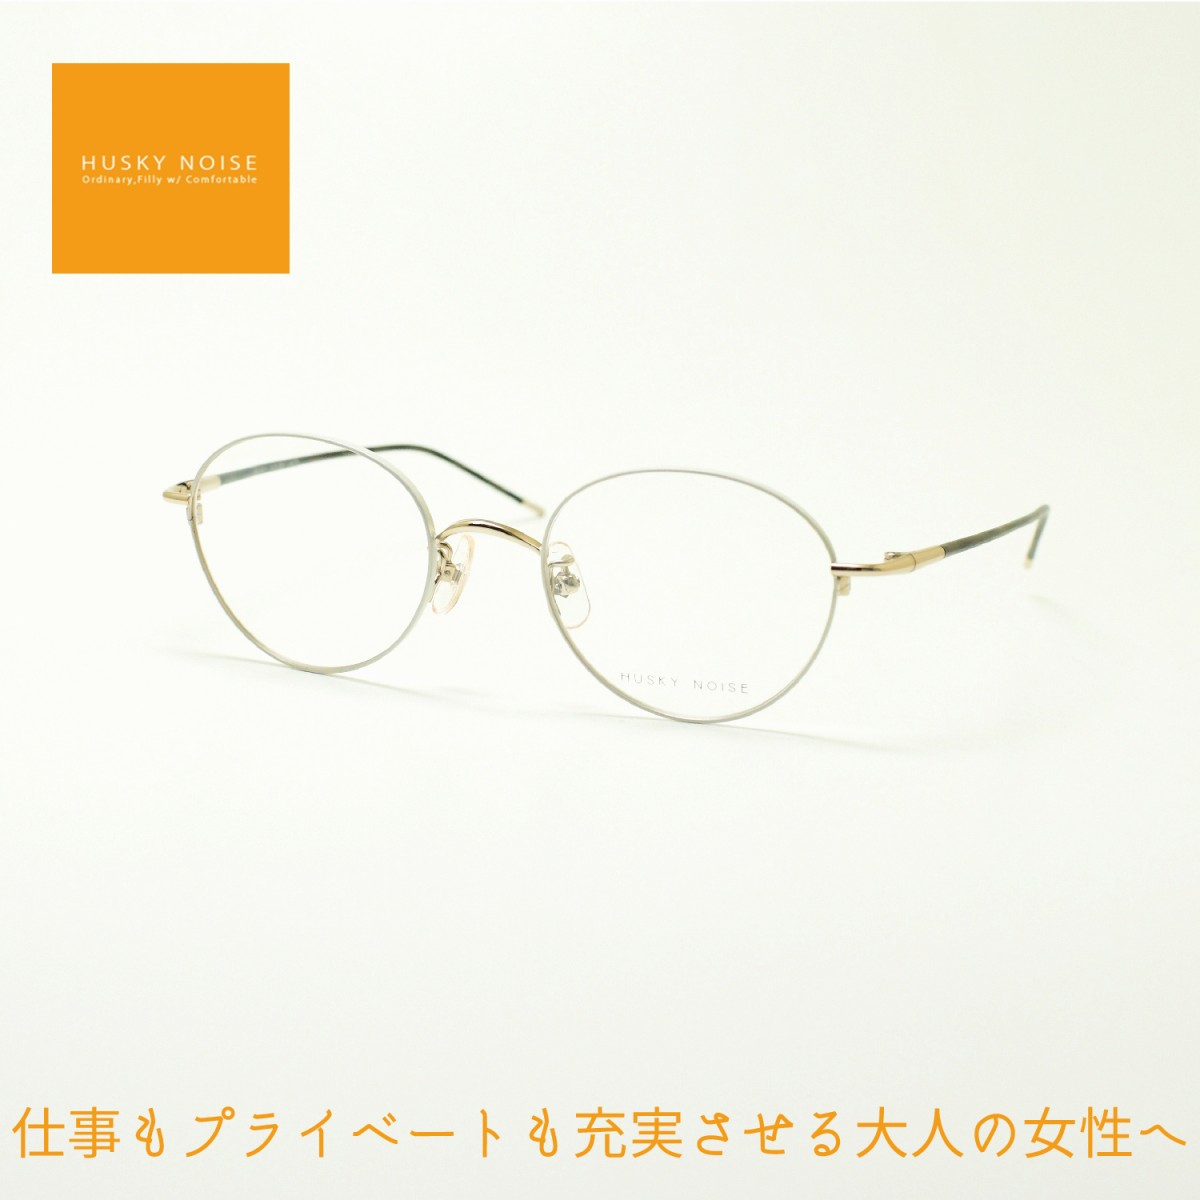 HUSKY NOISE ハスキーノイズH-173 col-1メガネ 眼鏡 めがね メンズ レディース おしゃれ ブランド 人気 おすすめ フレーム 流行り 度付き レンズ